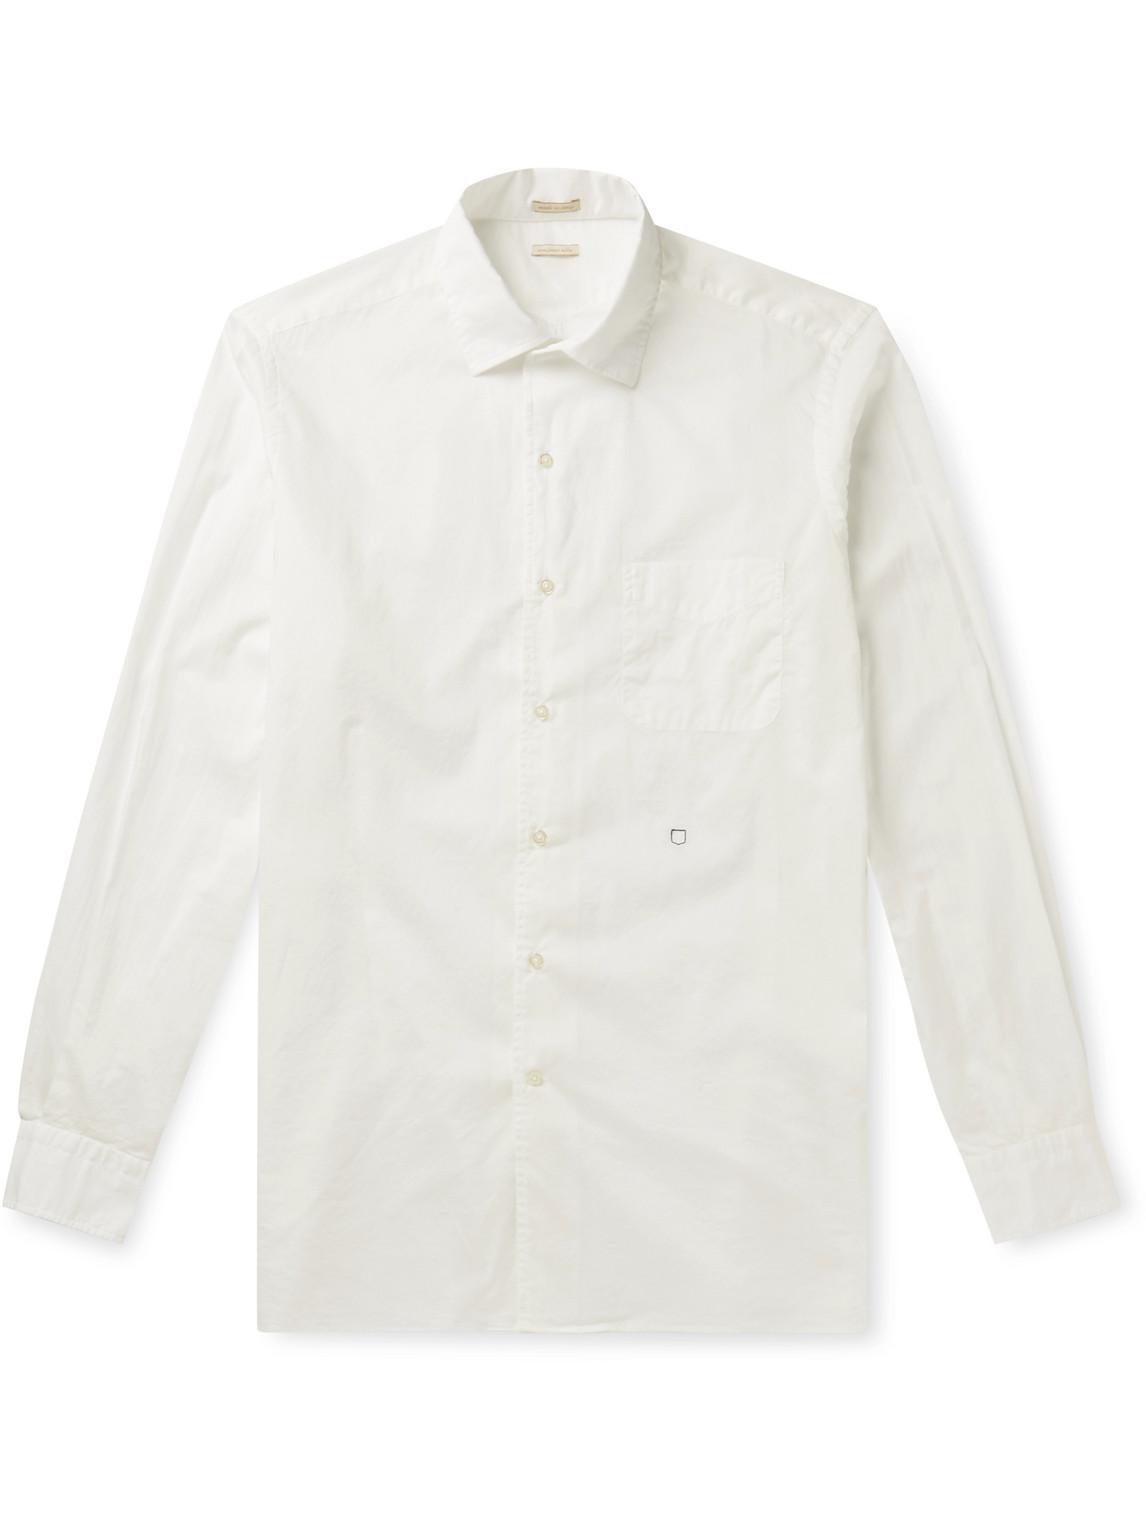 massimo alba - slim-fit cotton-poplin shirt - men - white - l